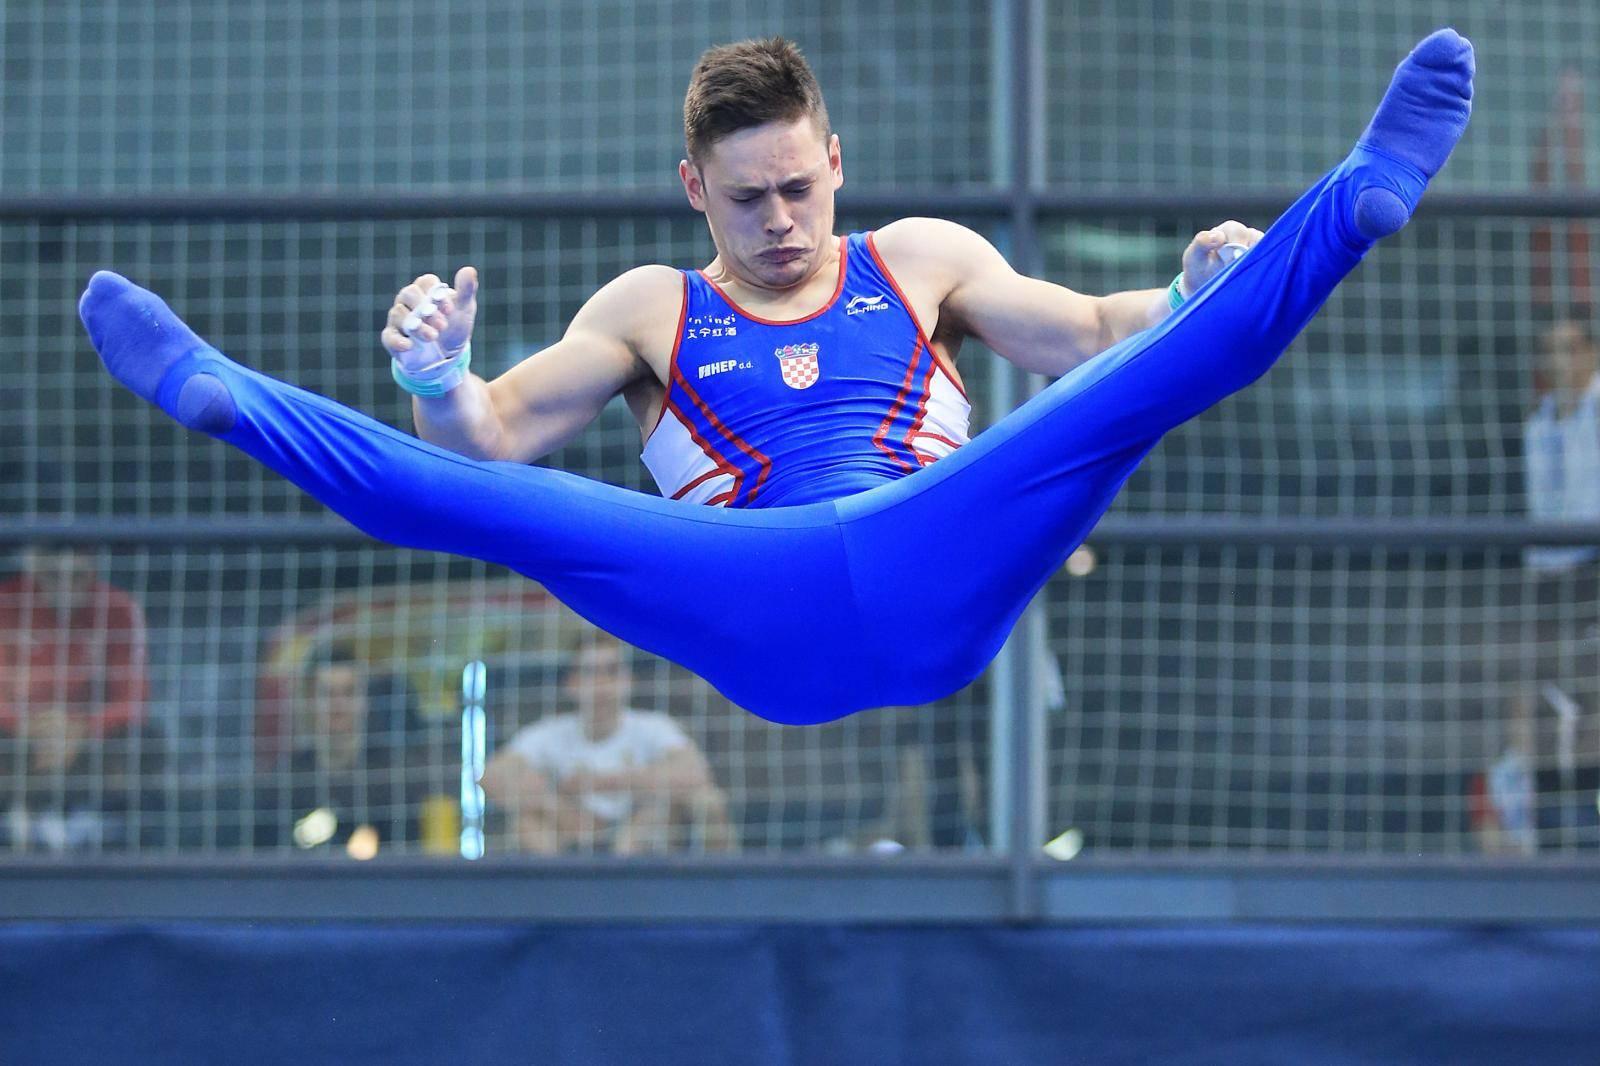 Voli Dinamo, počeo u podrumu, skoro odustao od gimnastike...